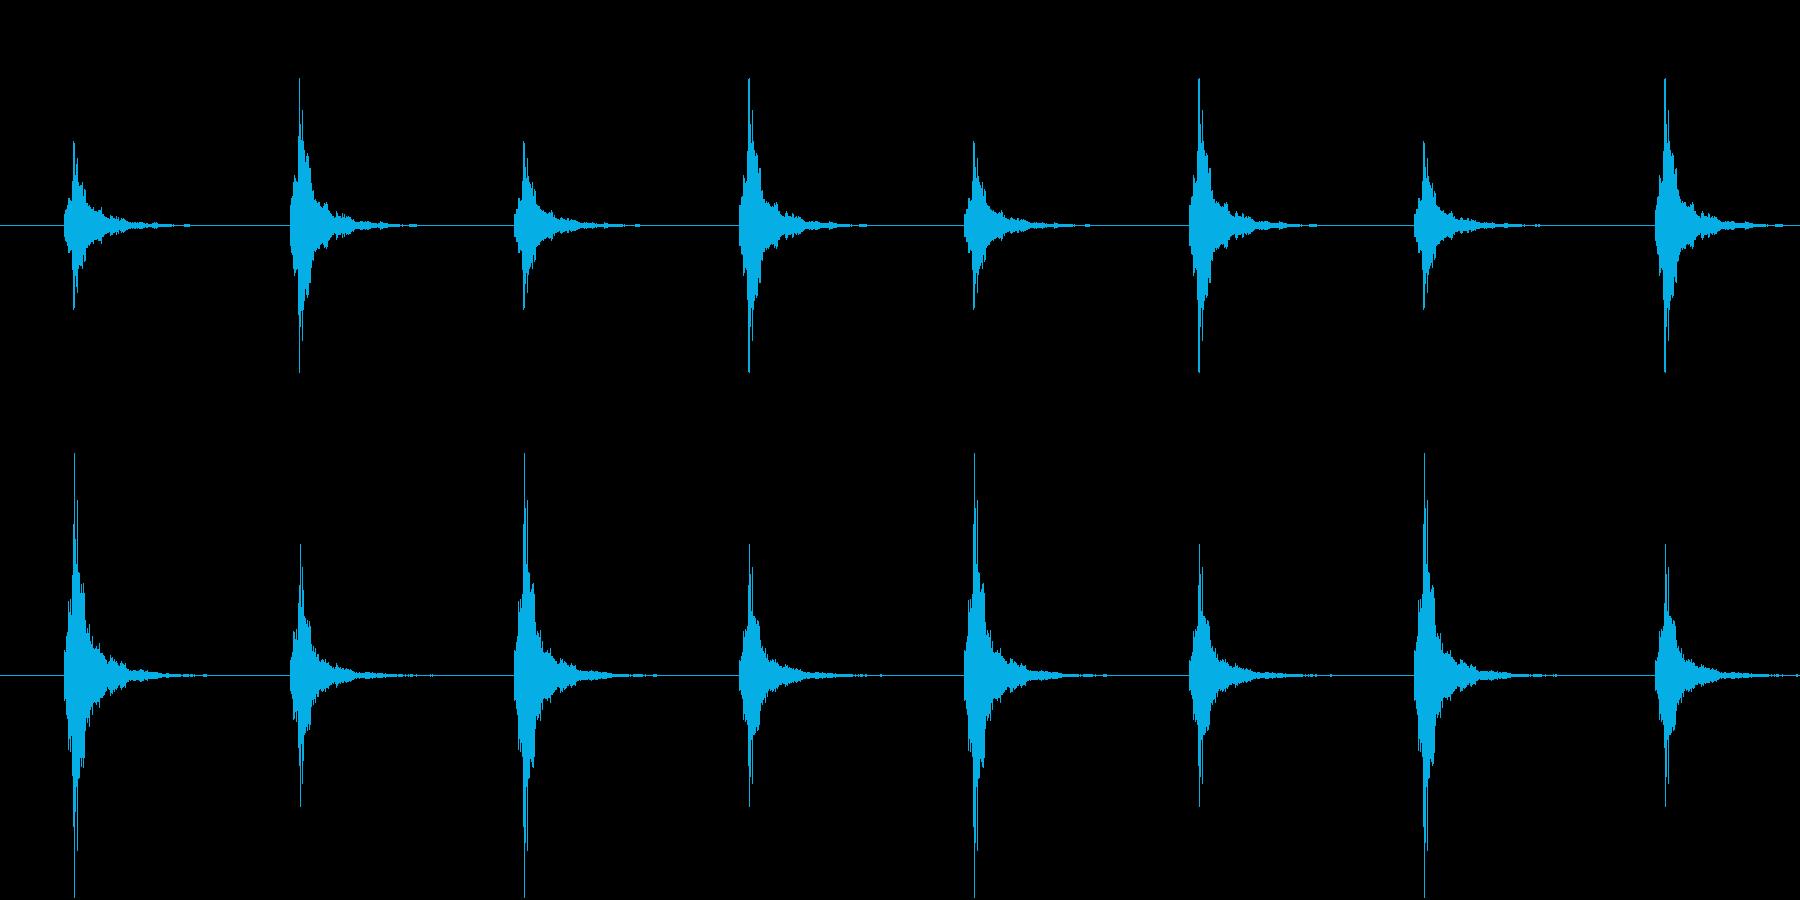 鈴が左右で鳴る(和風ホラー・ループ可能)の再生済みの波形